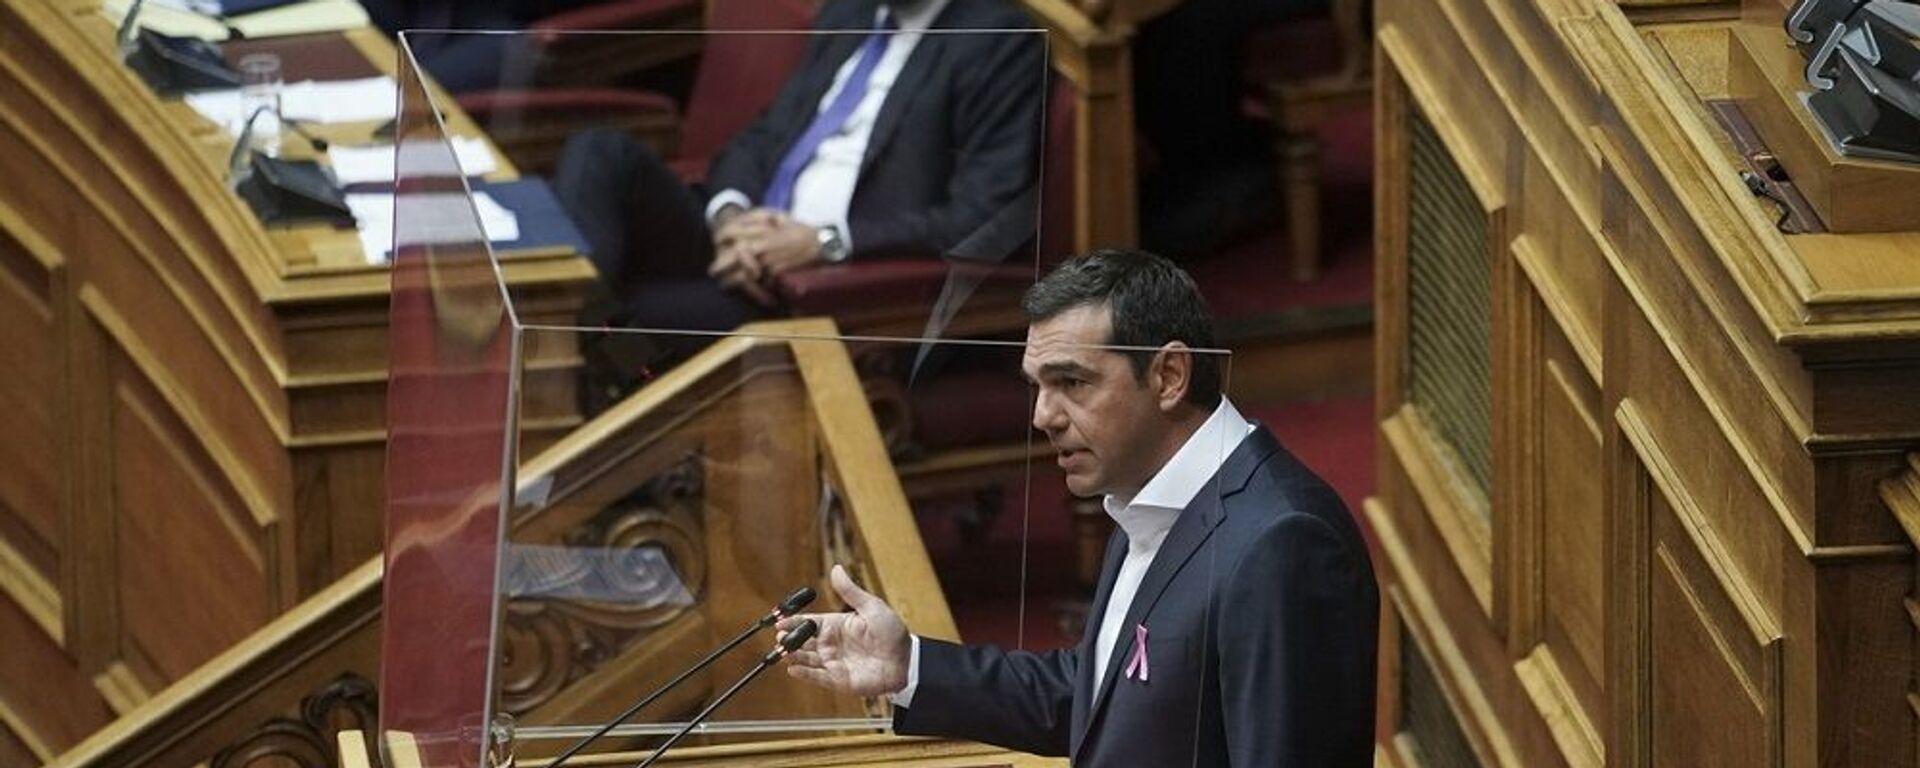 Ο Κυριάκος Μητσοτάκης και ο Αλέξης Τσίπρας στη Βουλή - Sputnik Ελλάδα, 1920, 25.08.2021